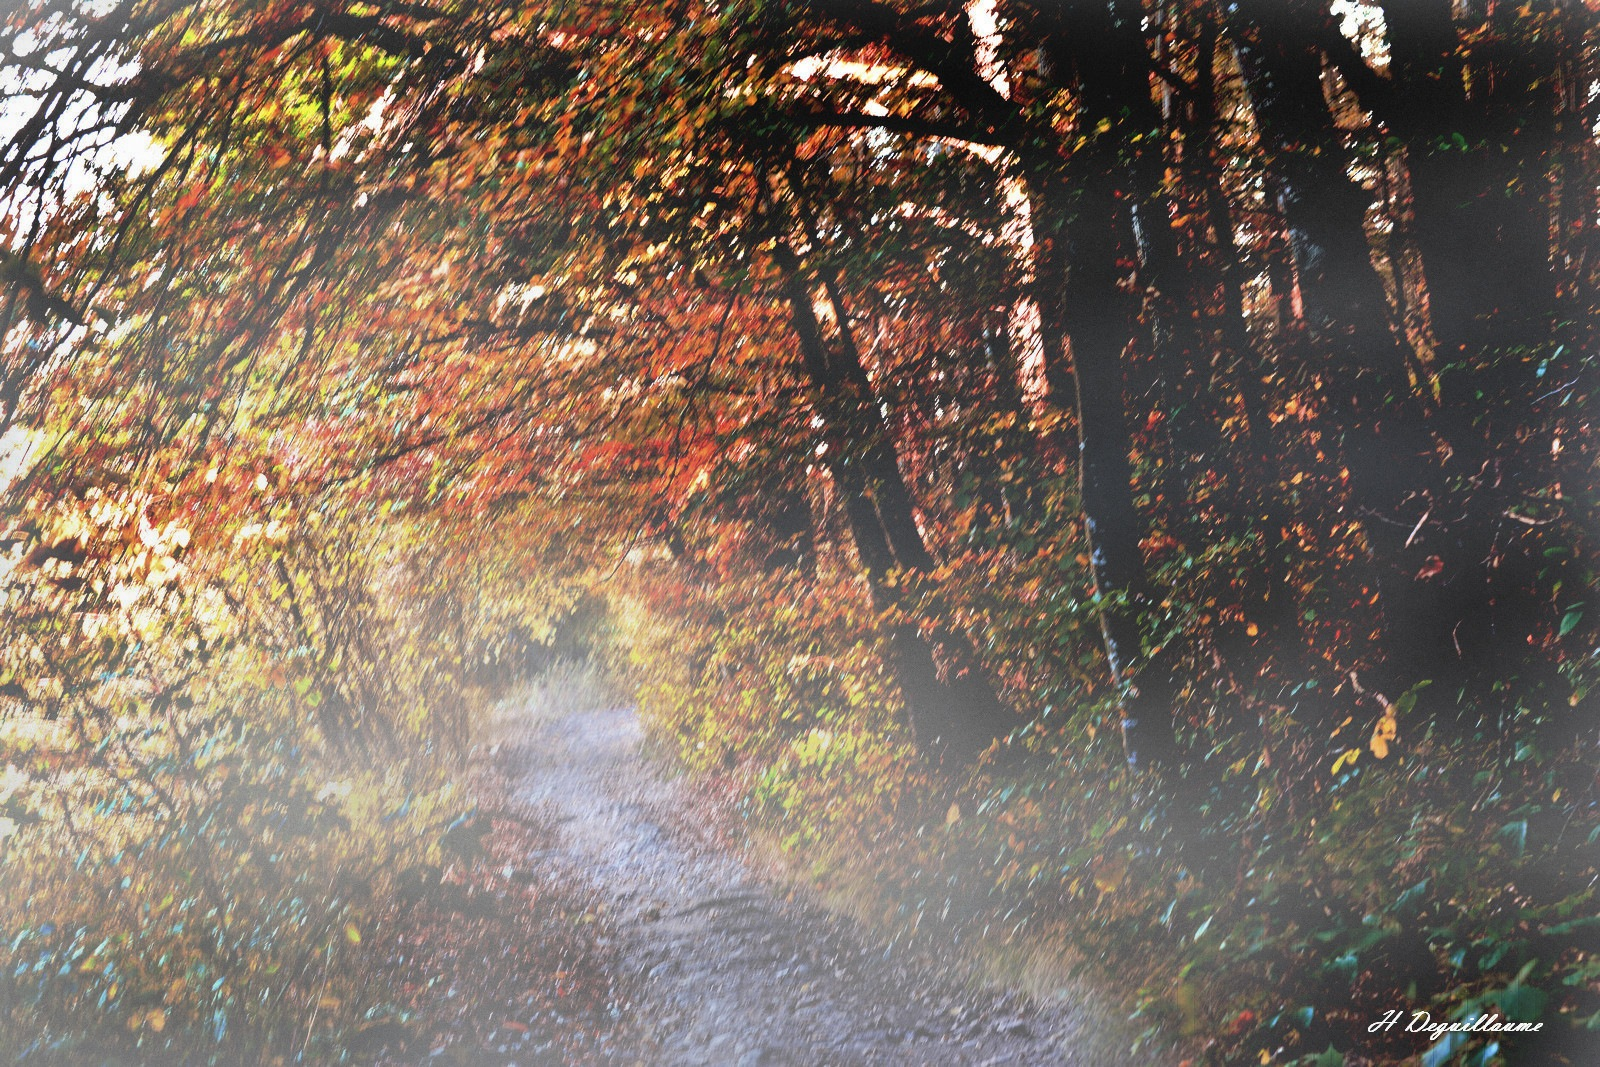 Couleurs d'automne by henridge